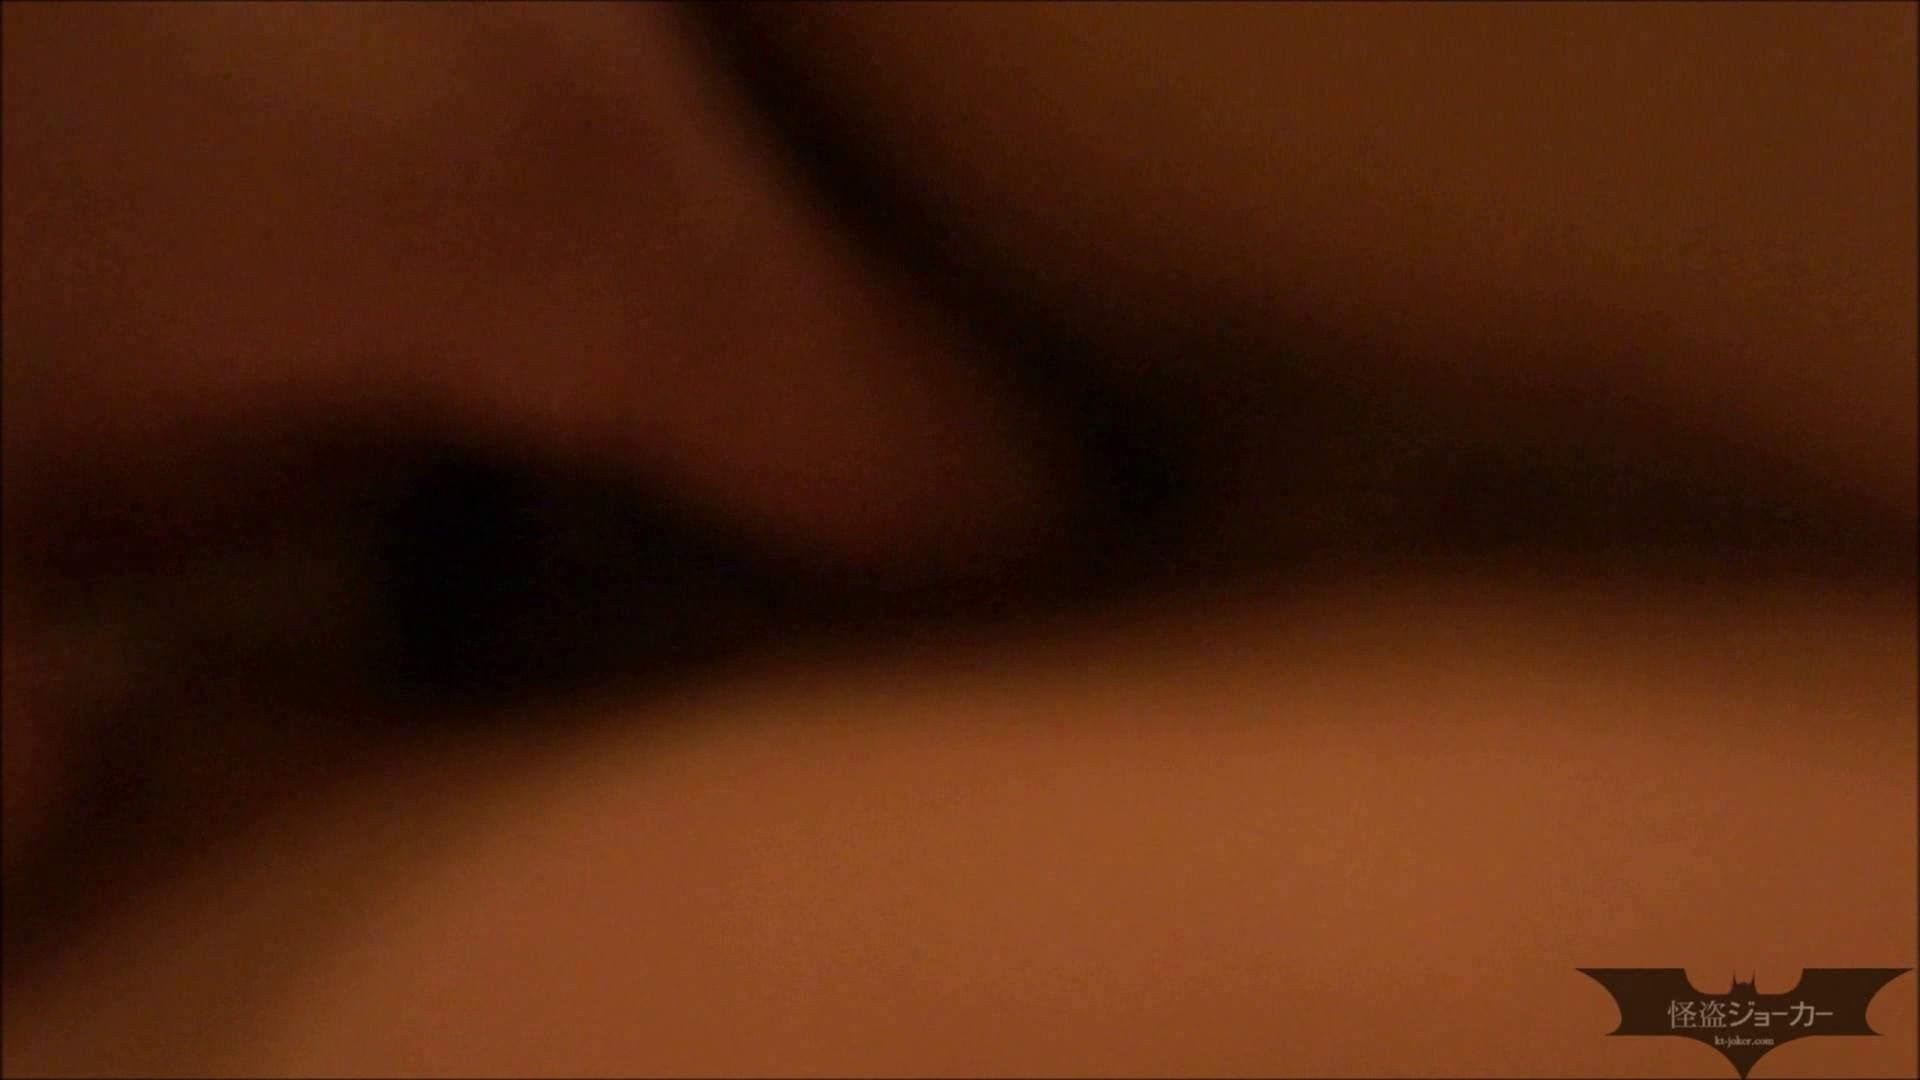 【未公開】vol.19 セレブ美魔女・仕事帰りに口淫、膣内射精、滴り落ちる精液。 0 | パンティ  80連発 7